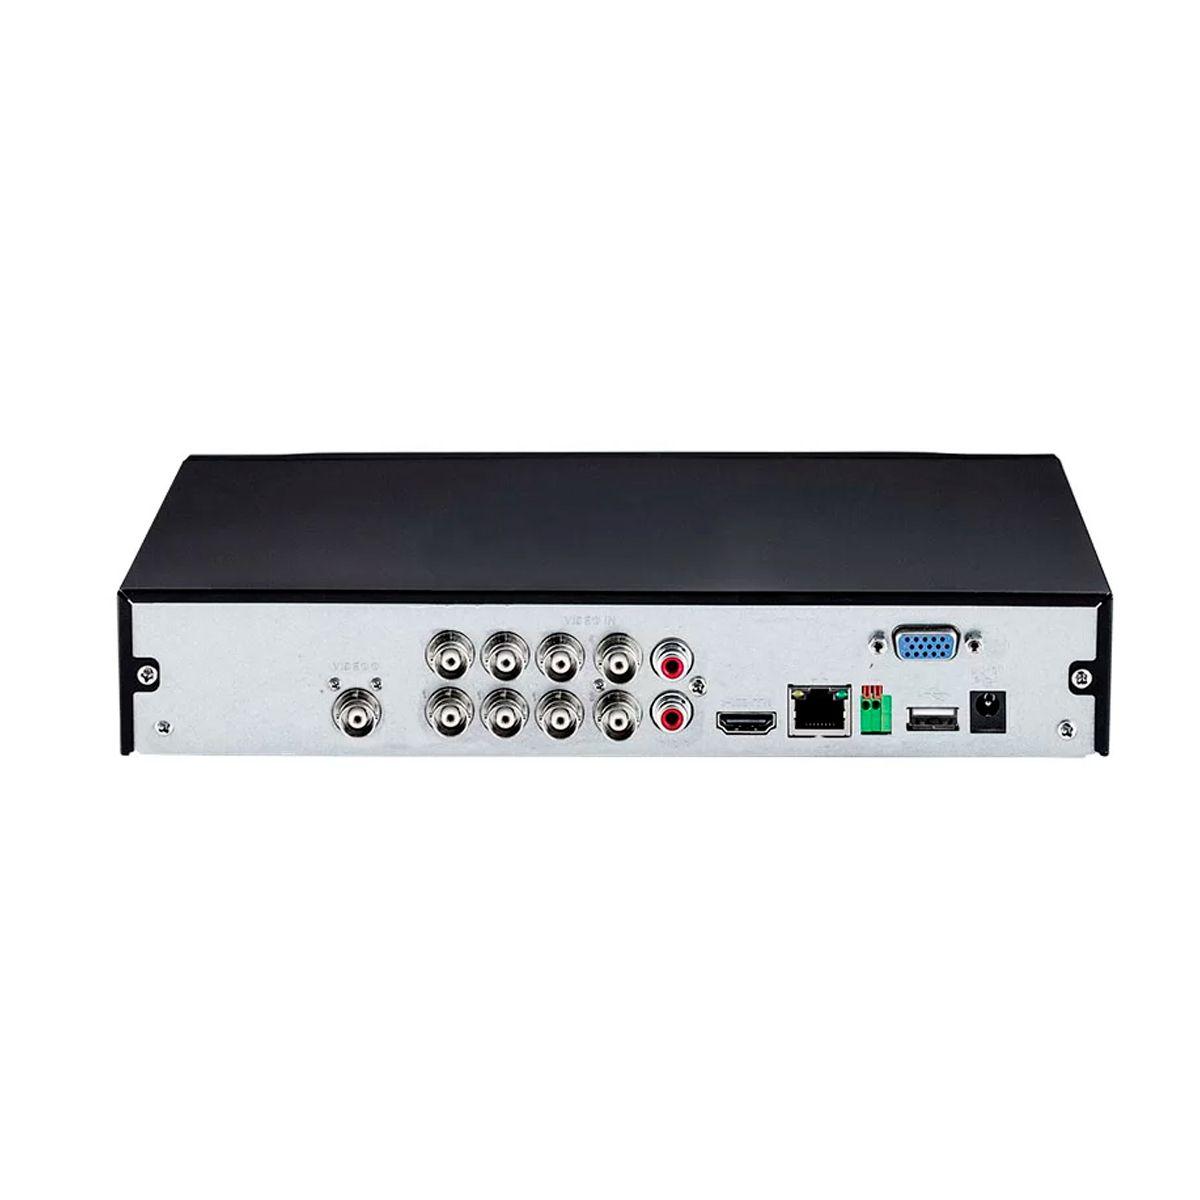 Kit 6 Câmeras VHD 1120 B G5 + DVR Intelbras + App Grátis de Monitoramento, Câmeras HD 720p 20m Infravermelho de Visão Noturna Intelbras + Fonte, Cabos e Acessórios  - Tudo Forte